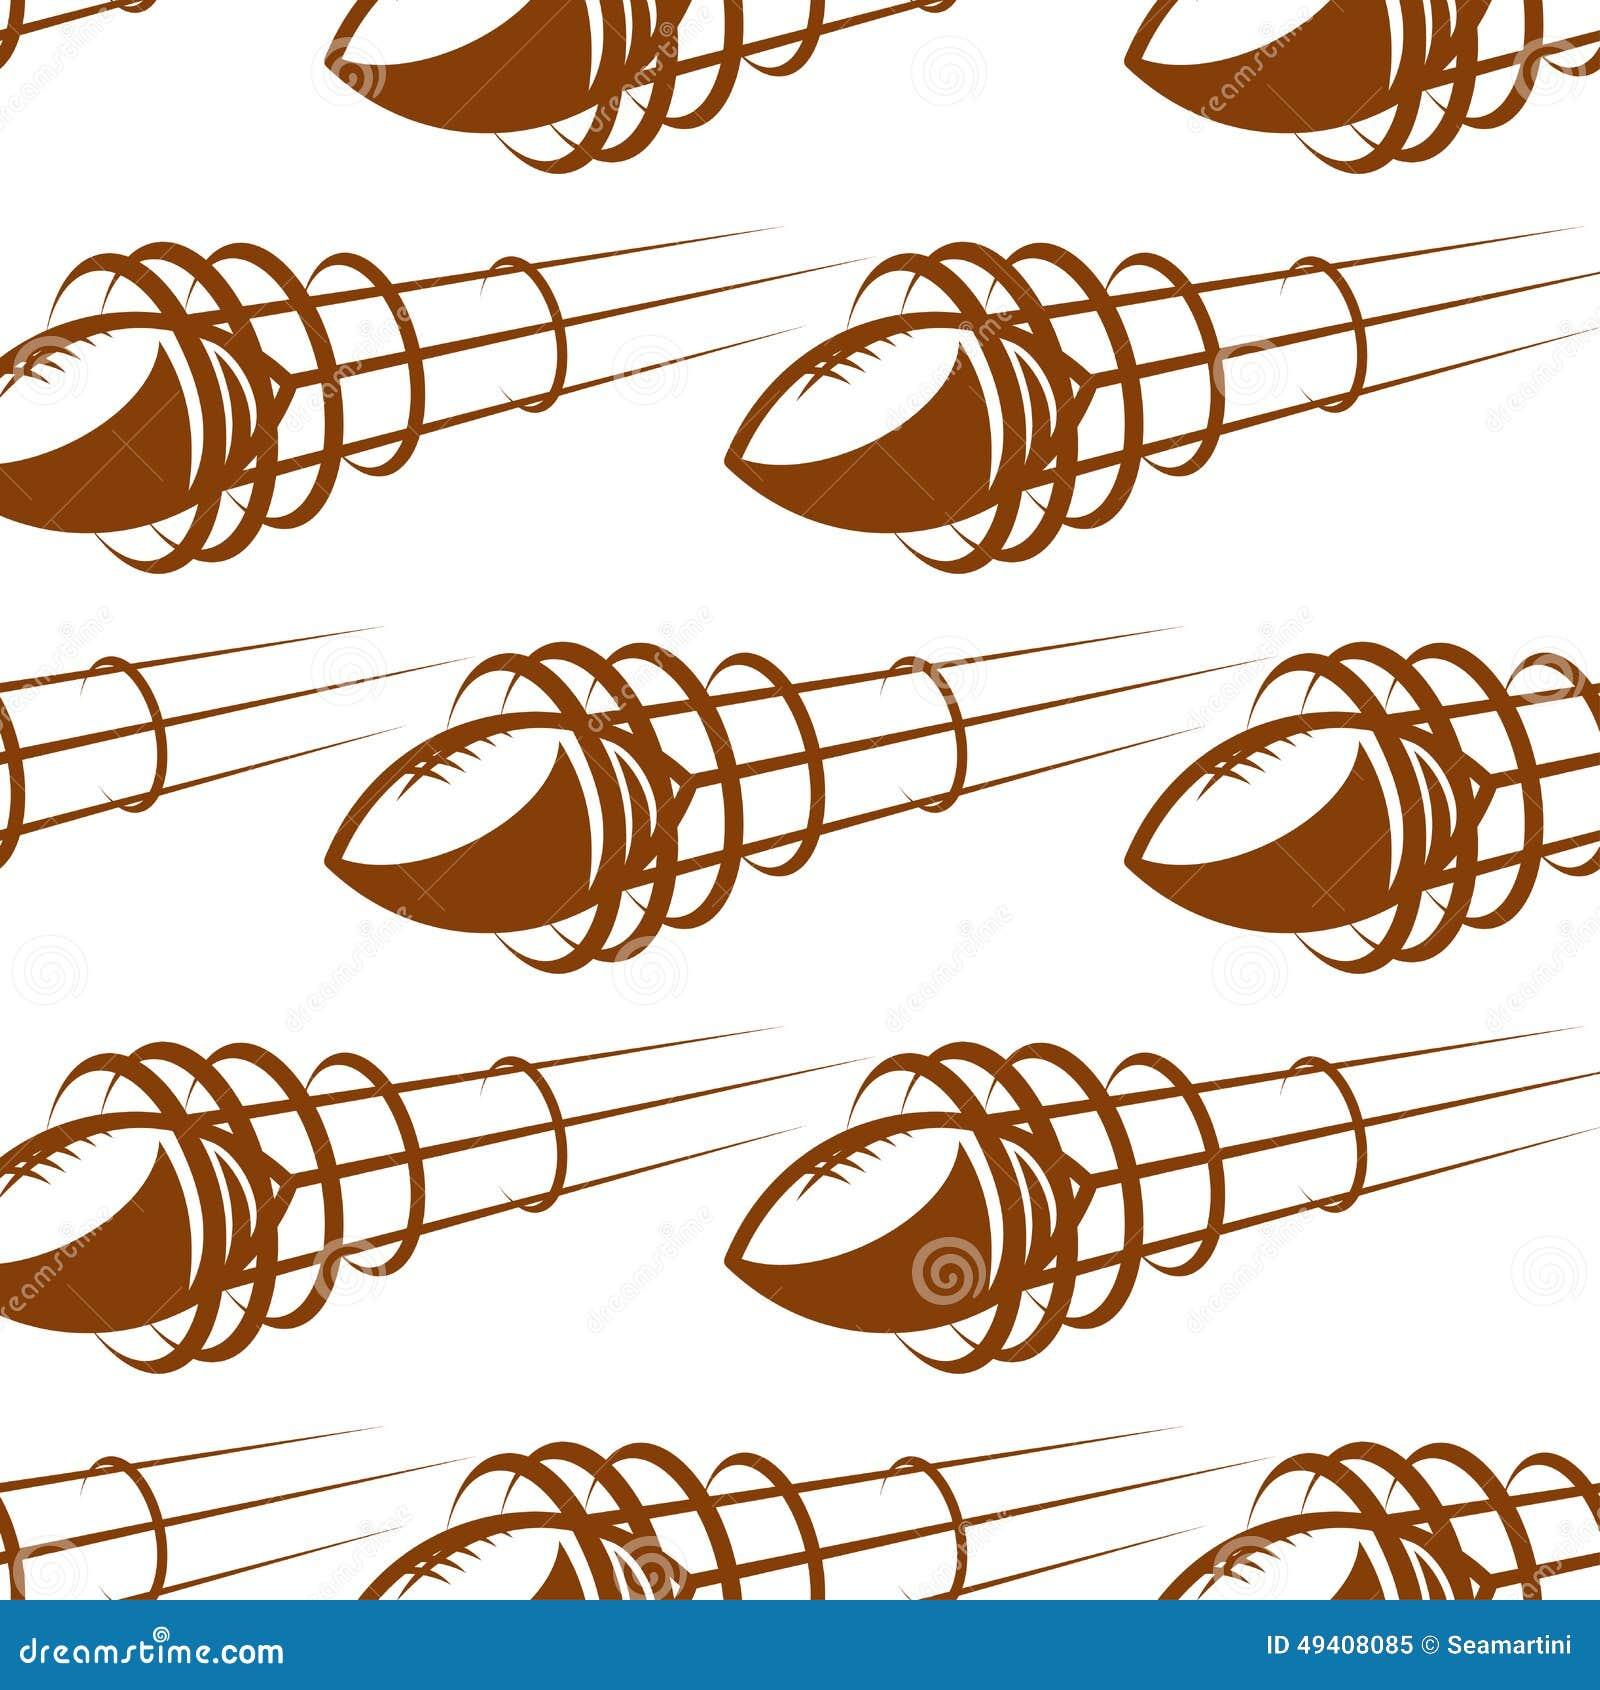 Download Fliegenrugbyballs Im Nahtlosen Hintergrund Vektor Abbildung - Illustration von fußball, aktivität: 49408085